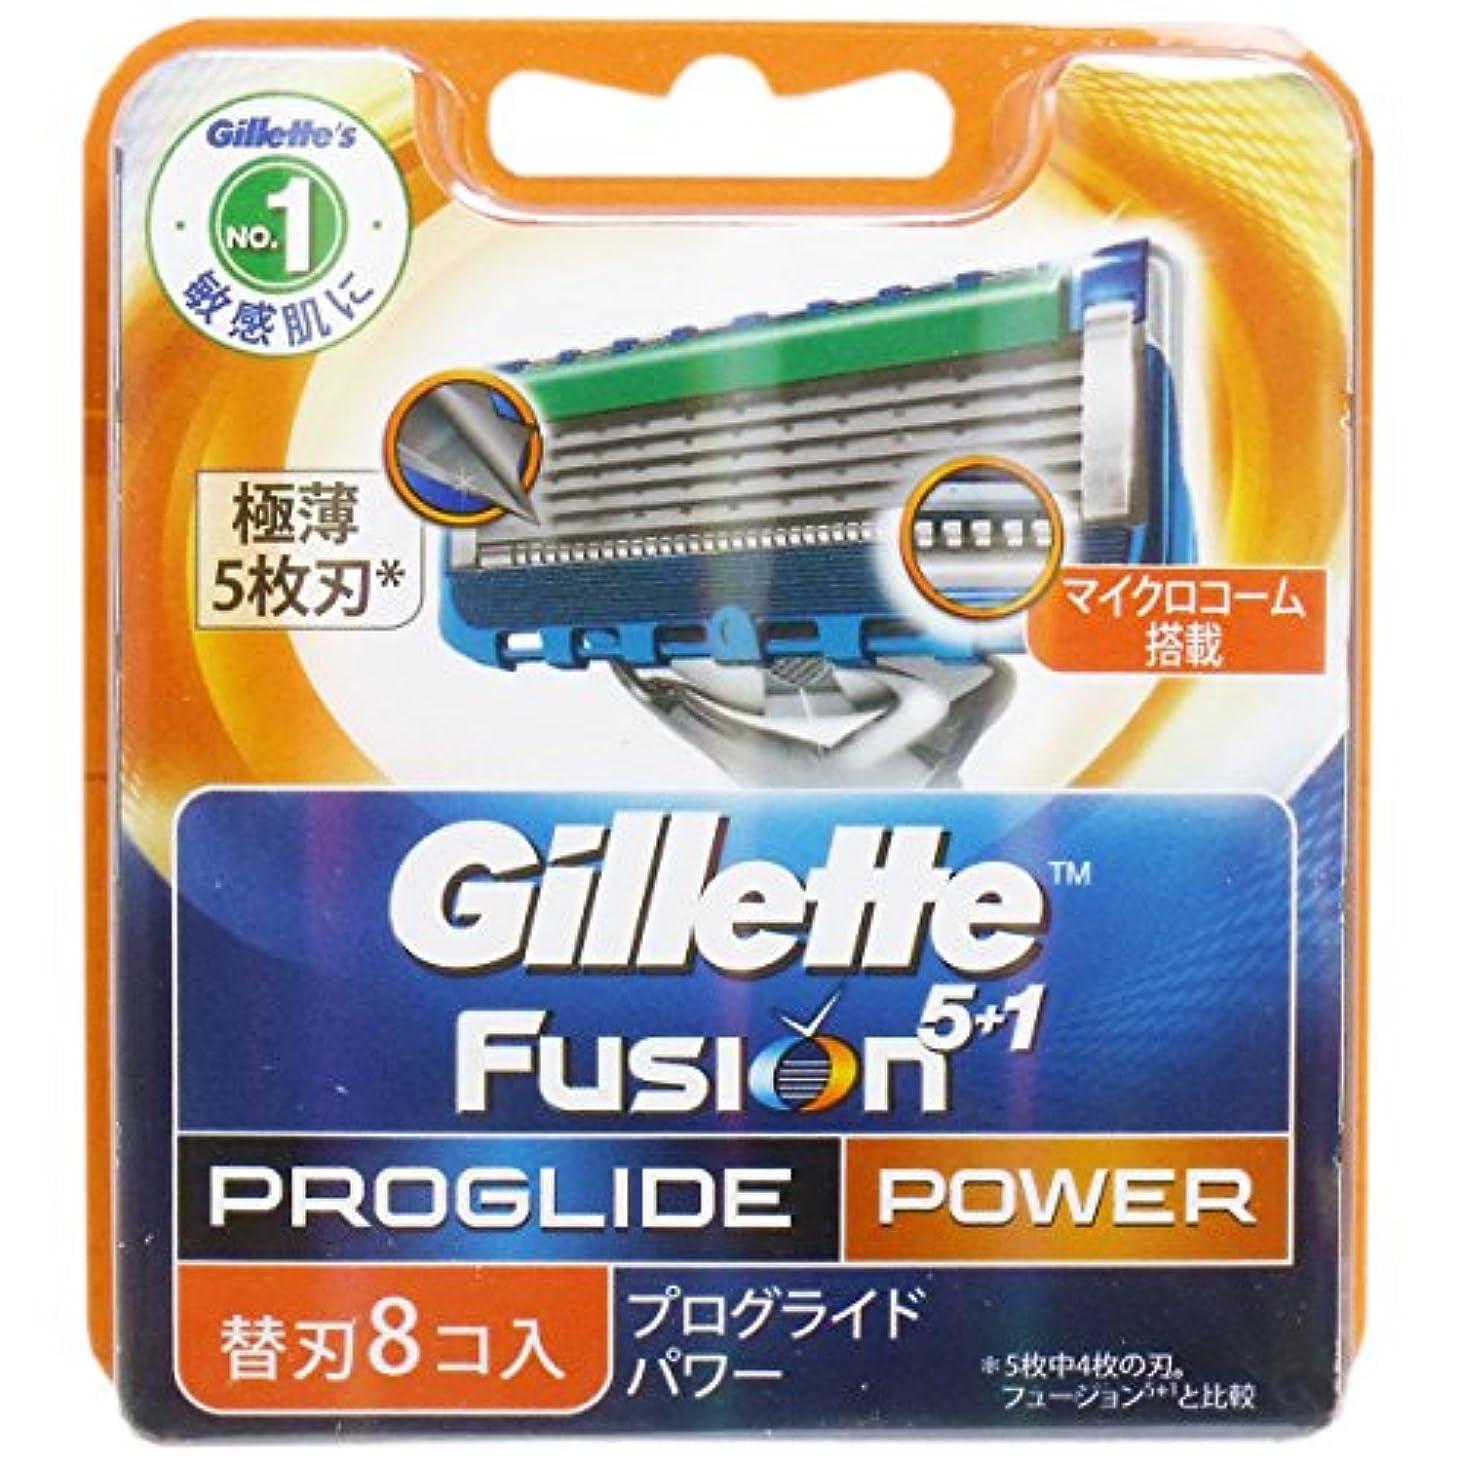 【2個セット】ジレット プログライド パワー 替刃(8入)